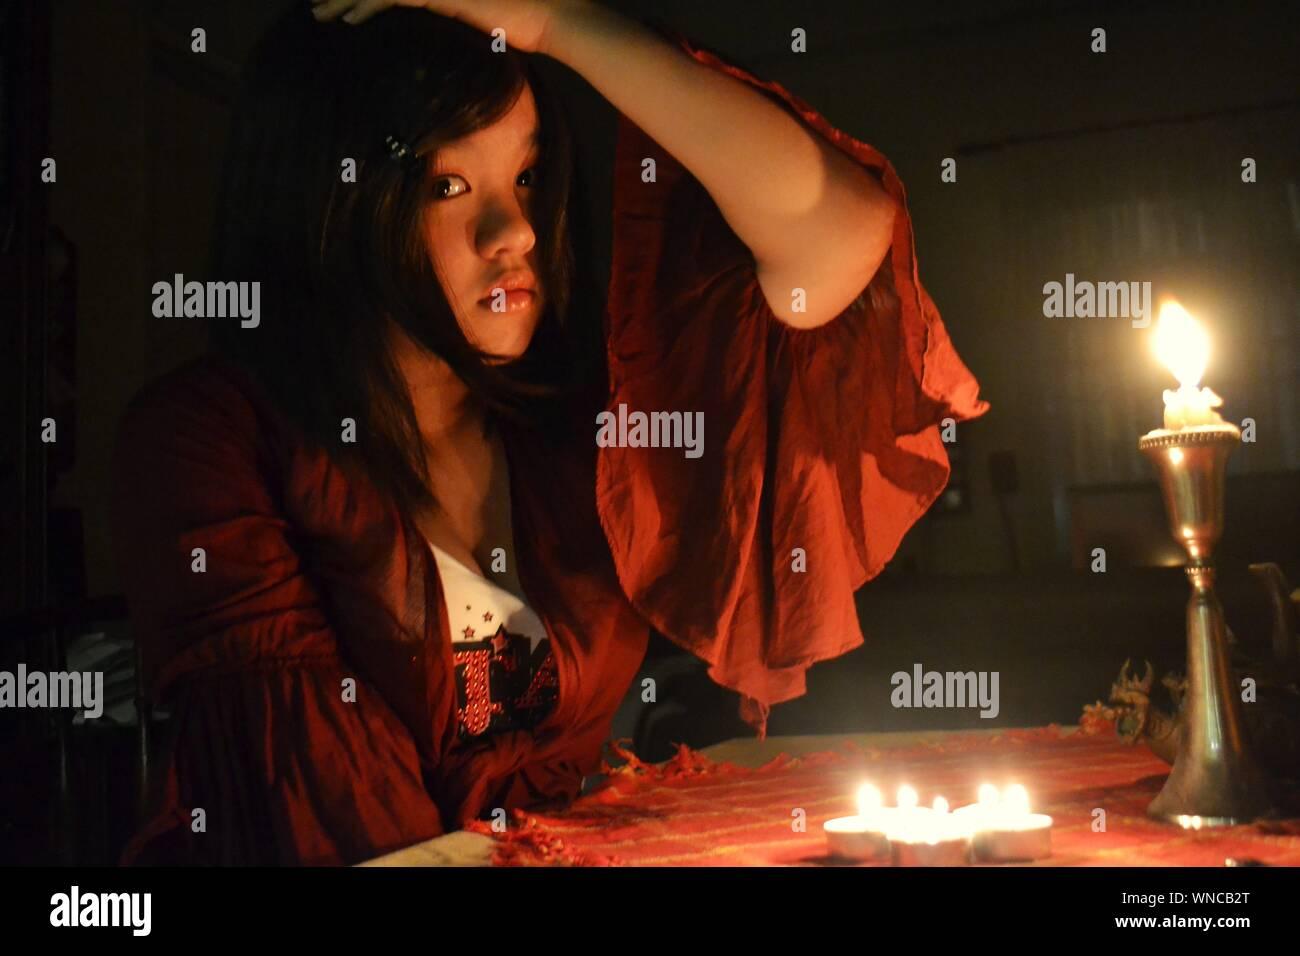 Ritratto di donna con candela accesa nella camera oscura Foto Stock